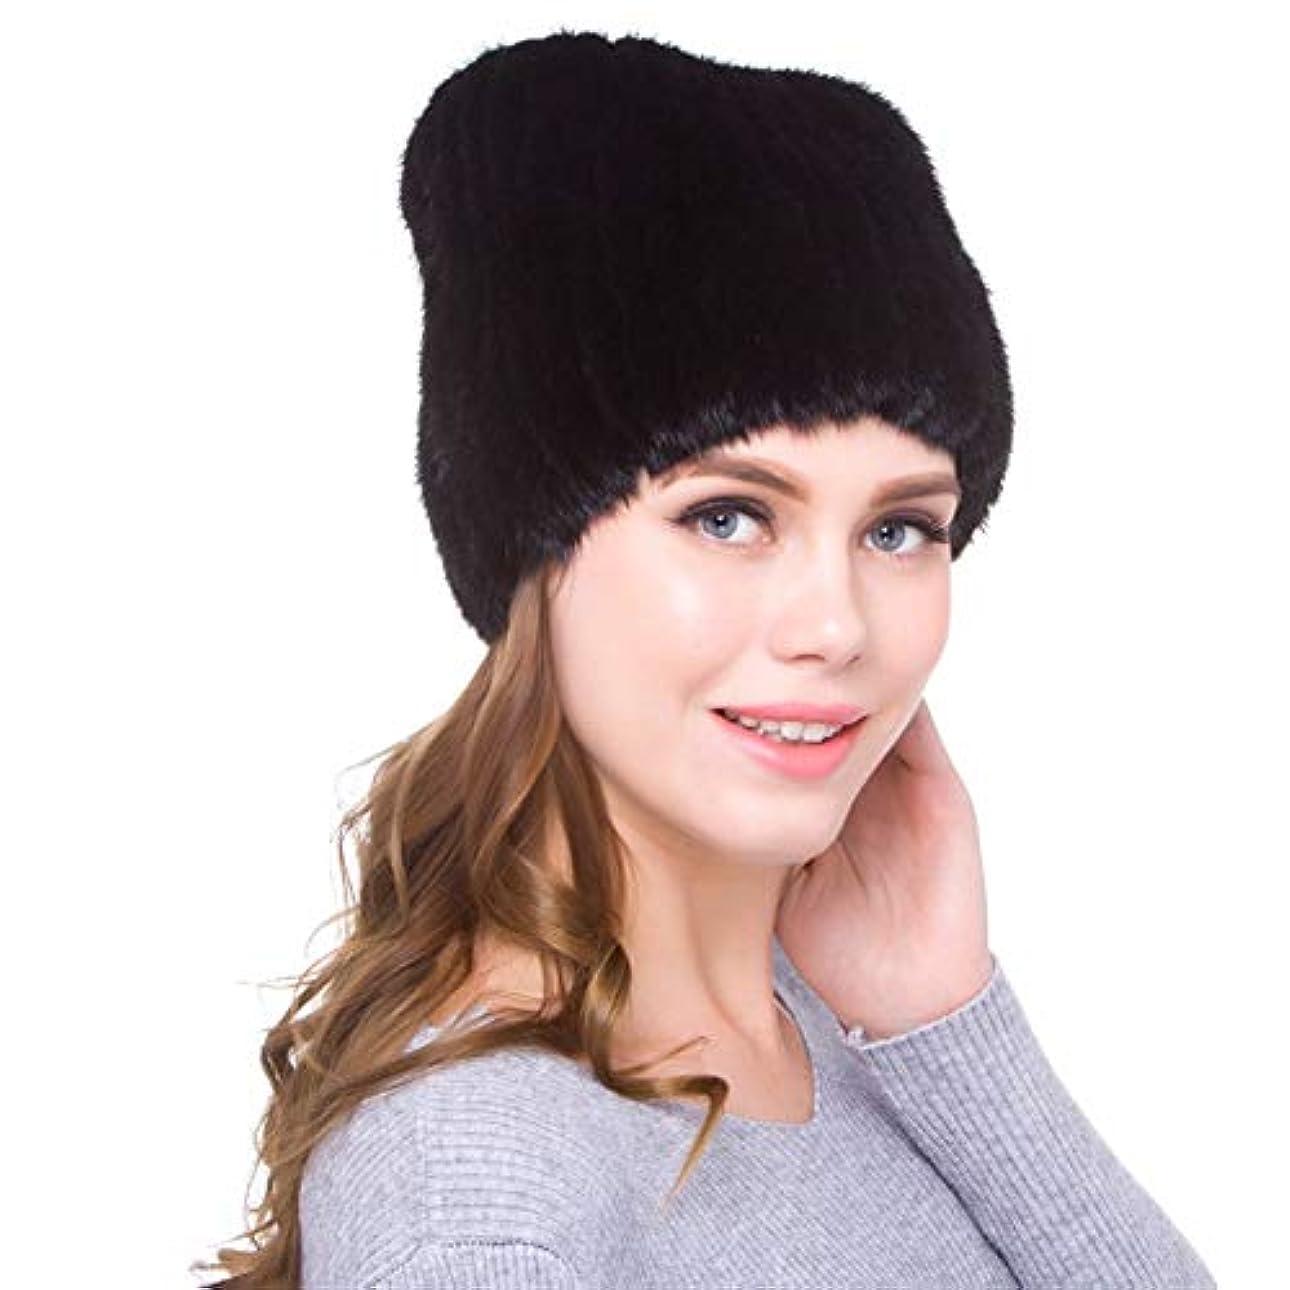 盟主使役体ACAO 女性のミンクの毛皮の帽子ニットミンクのファッションの女性厚く暖かいニットキャップ (色 : ブラック, Size : M)